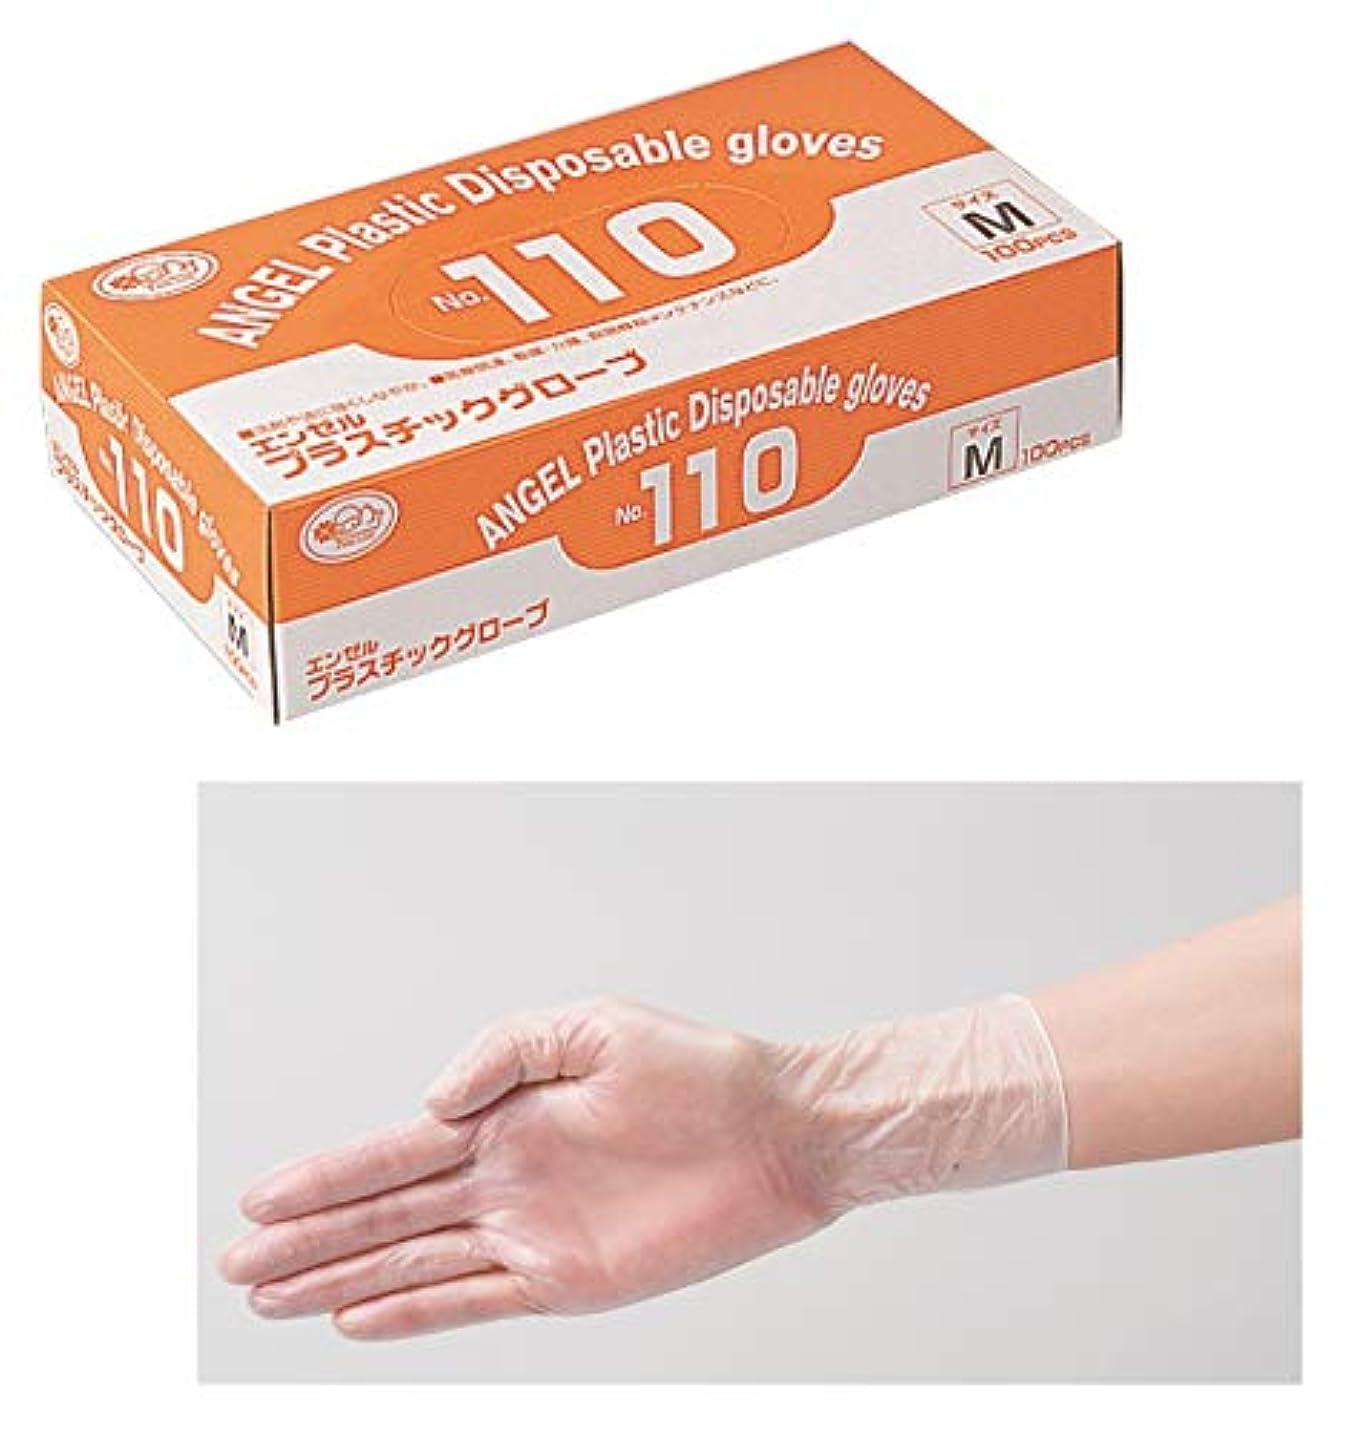 手段ファランクス横サンフラワー No.110 プラスチックグローブ 粉付 100枚入り (L)